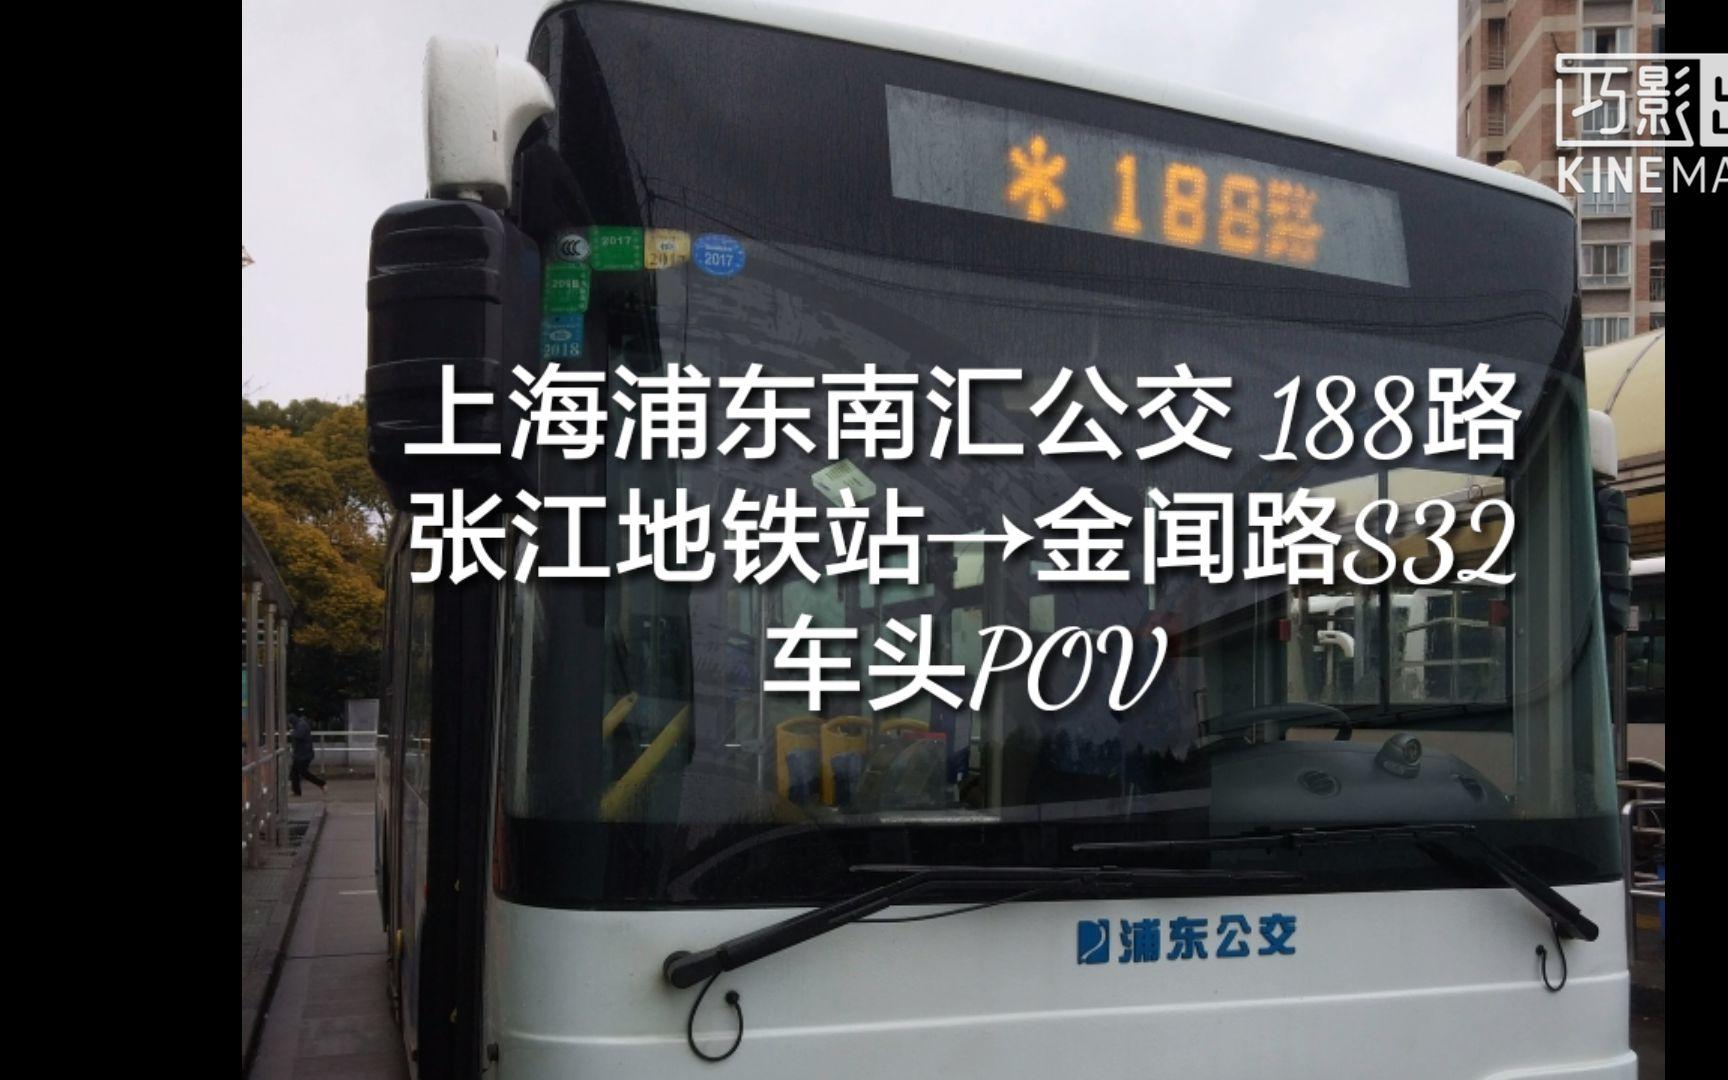 上海南汇生活_【zjw•POV2】上海浦东南汇公交 188路 张江地铁站→金闻路S32 全程 ...